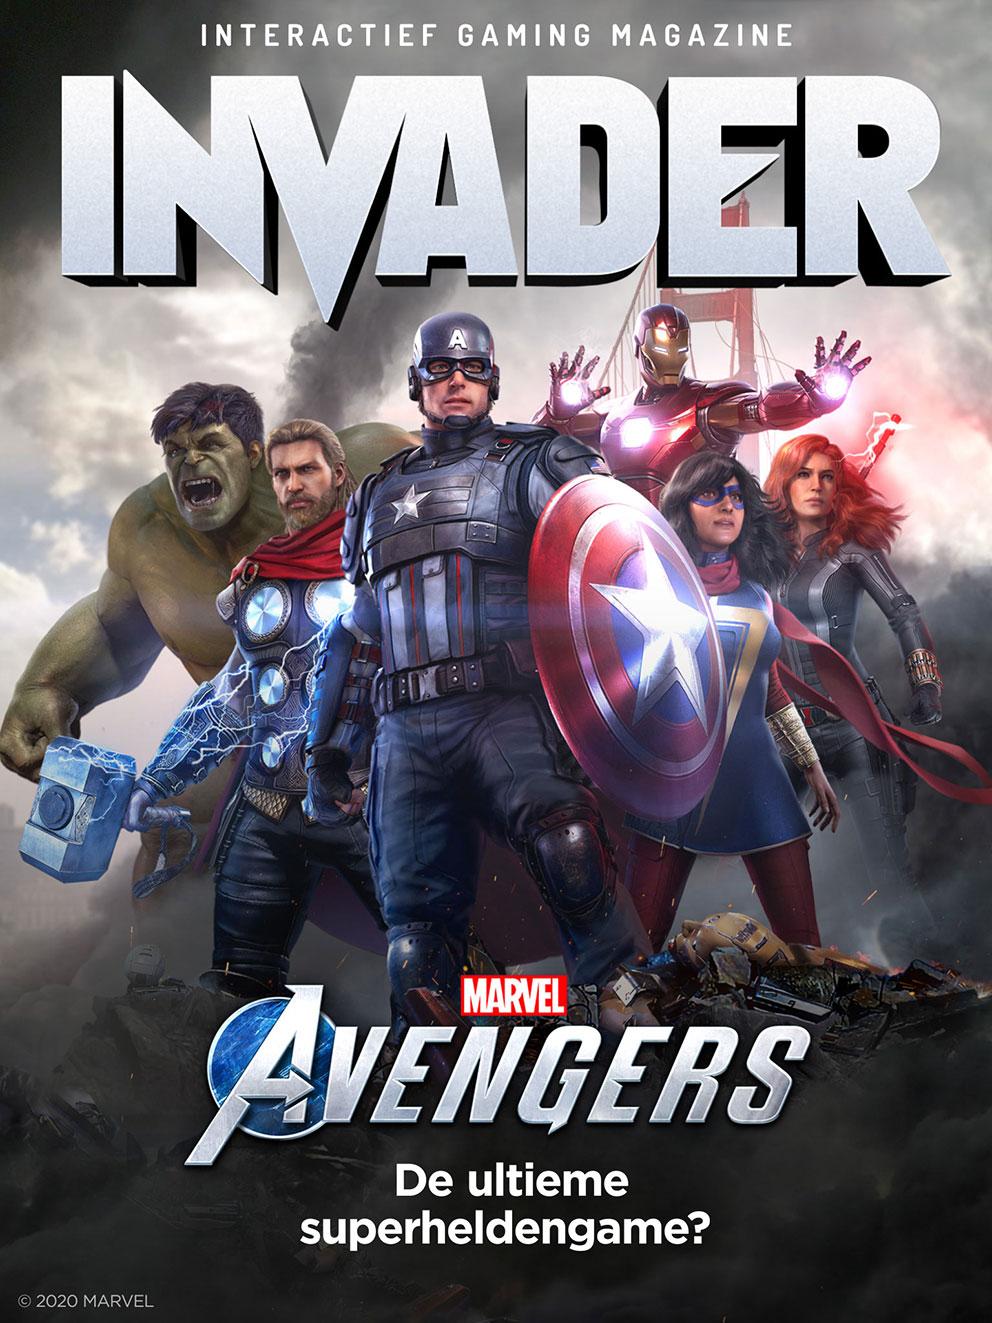 COVER Inavder76 Avengers 0001200